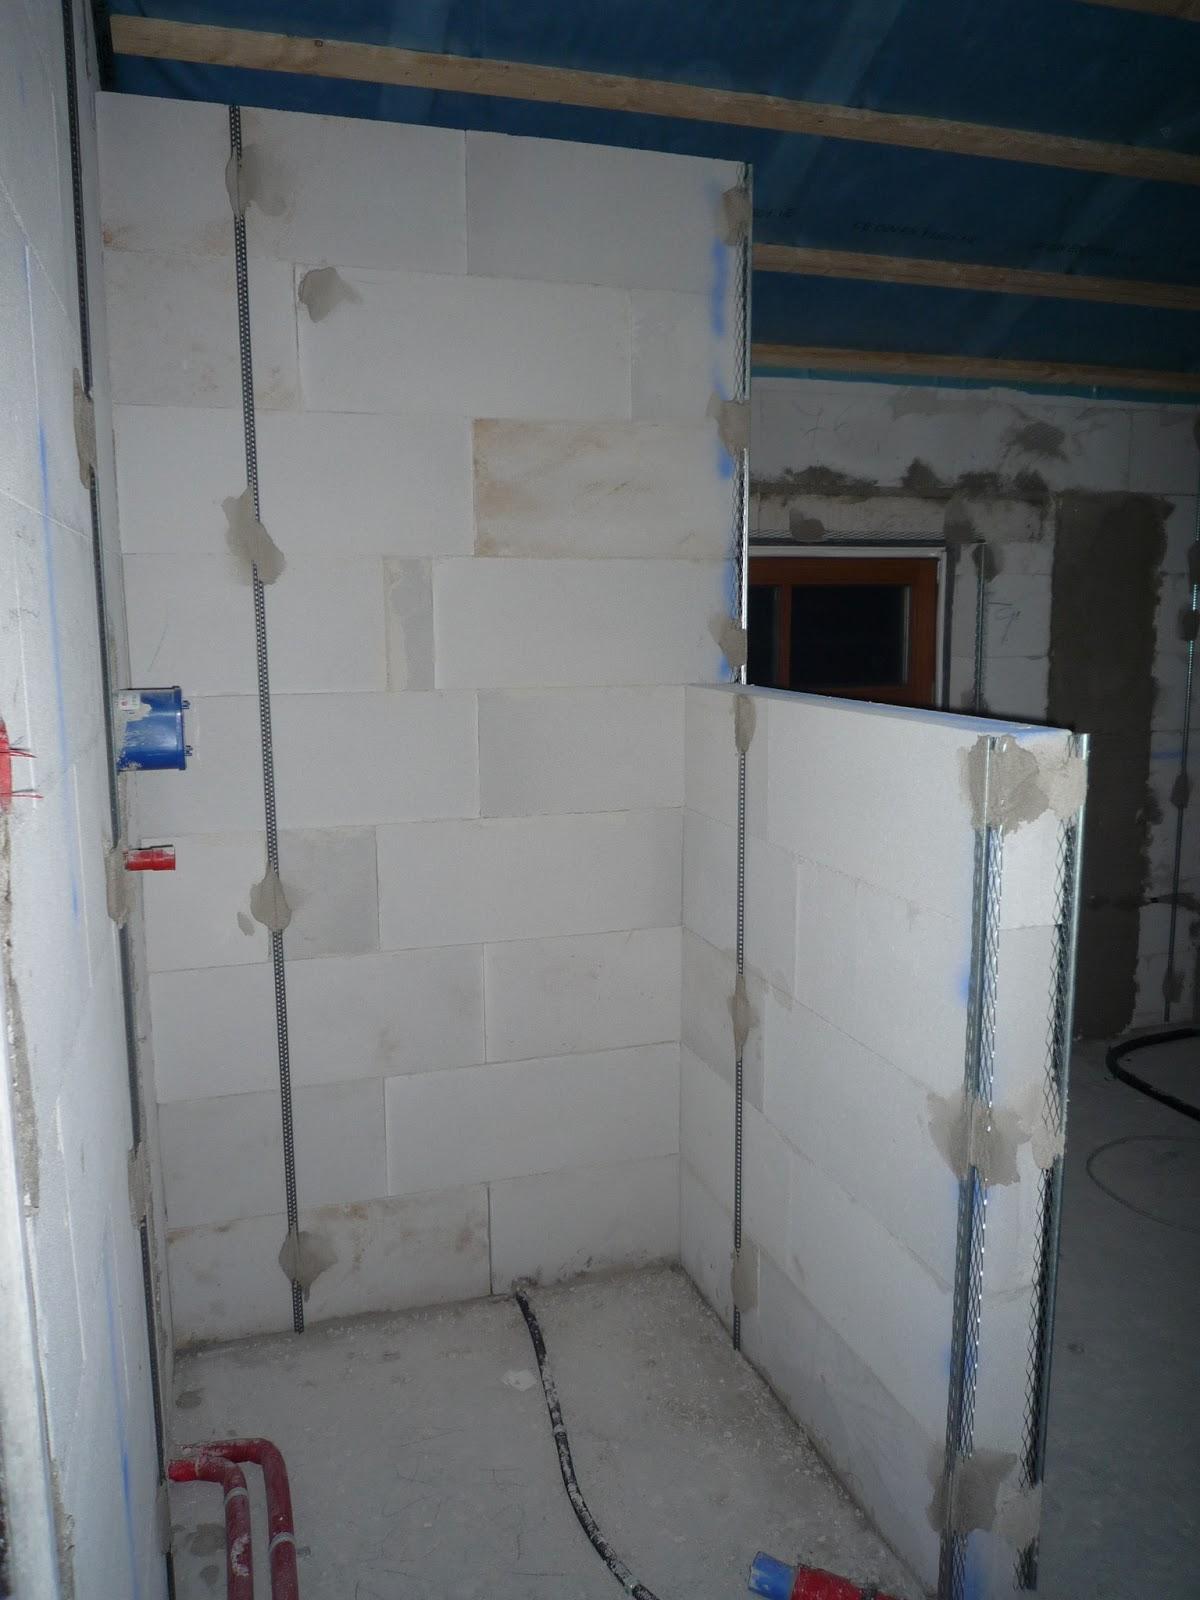 werner 39 s hausbau blog verputzen bodenheizung terassendach. Black Bedroom Furniture Sets. Home Design Ideas